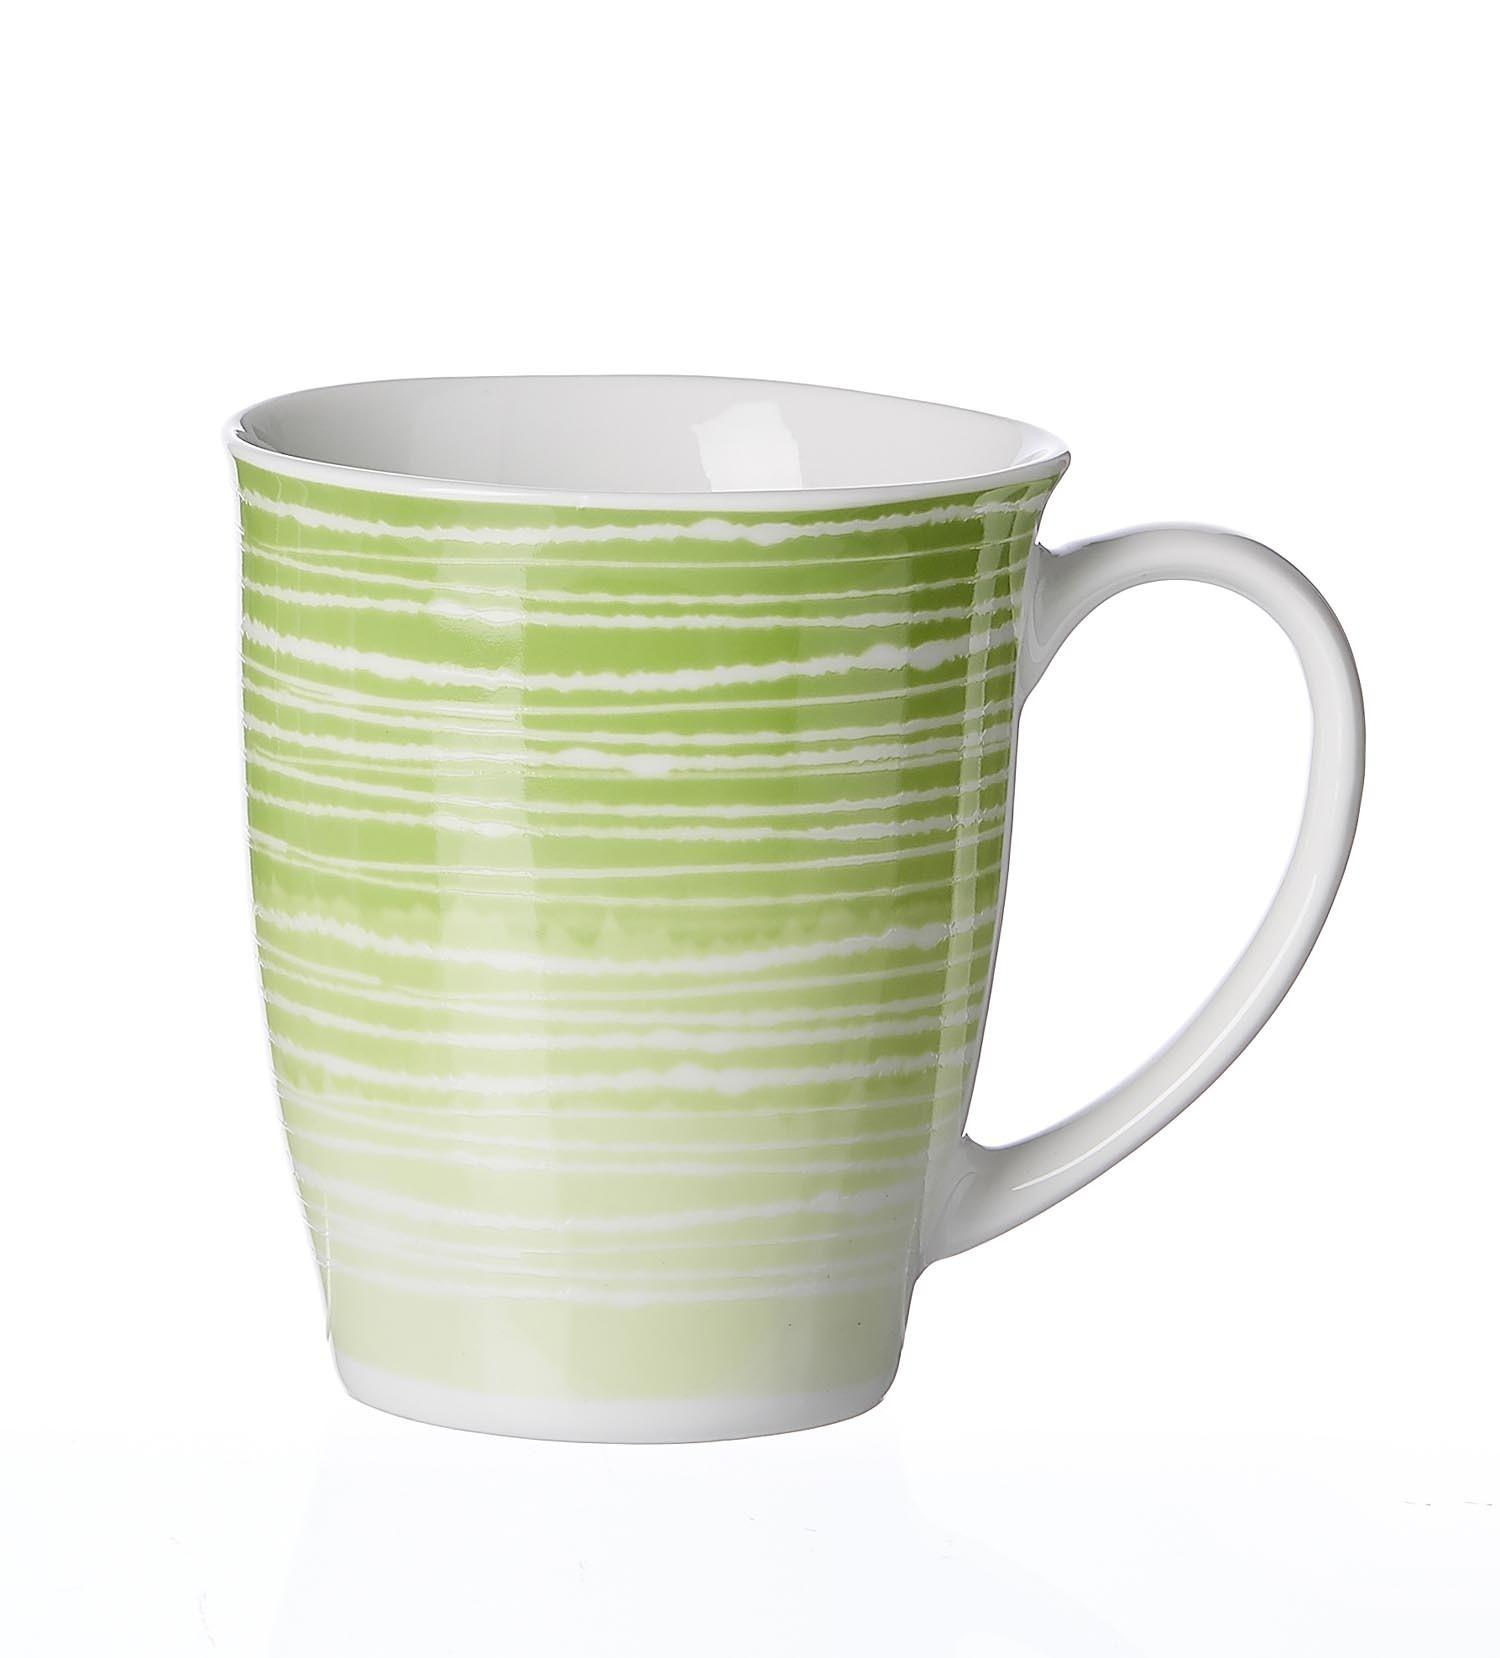 Cana Sunrise Green, Flirt, 450 ml imagine